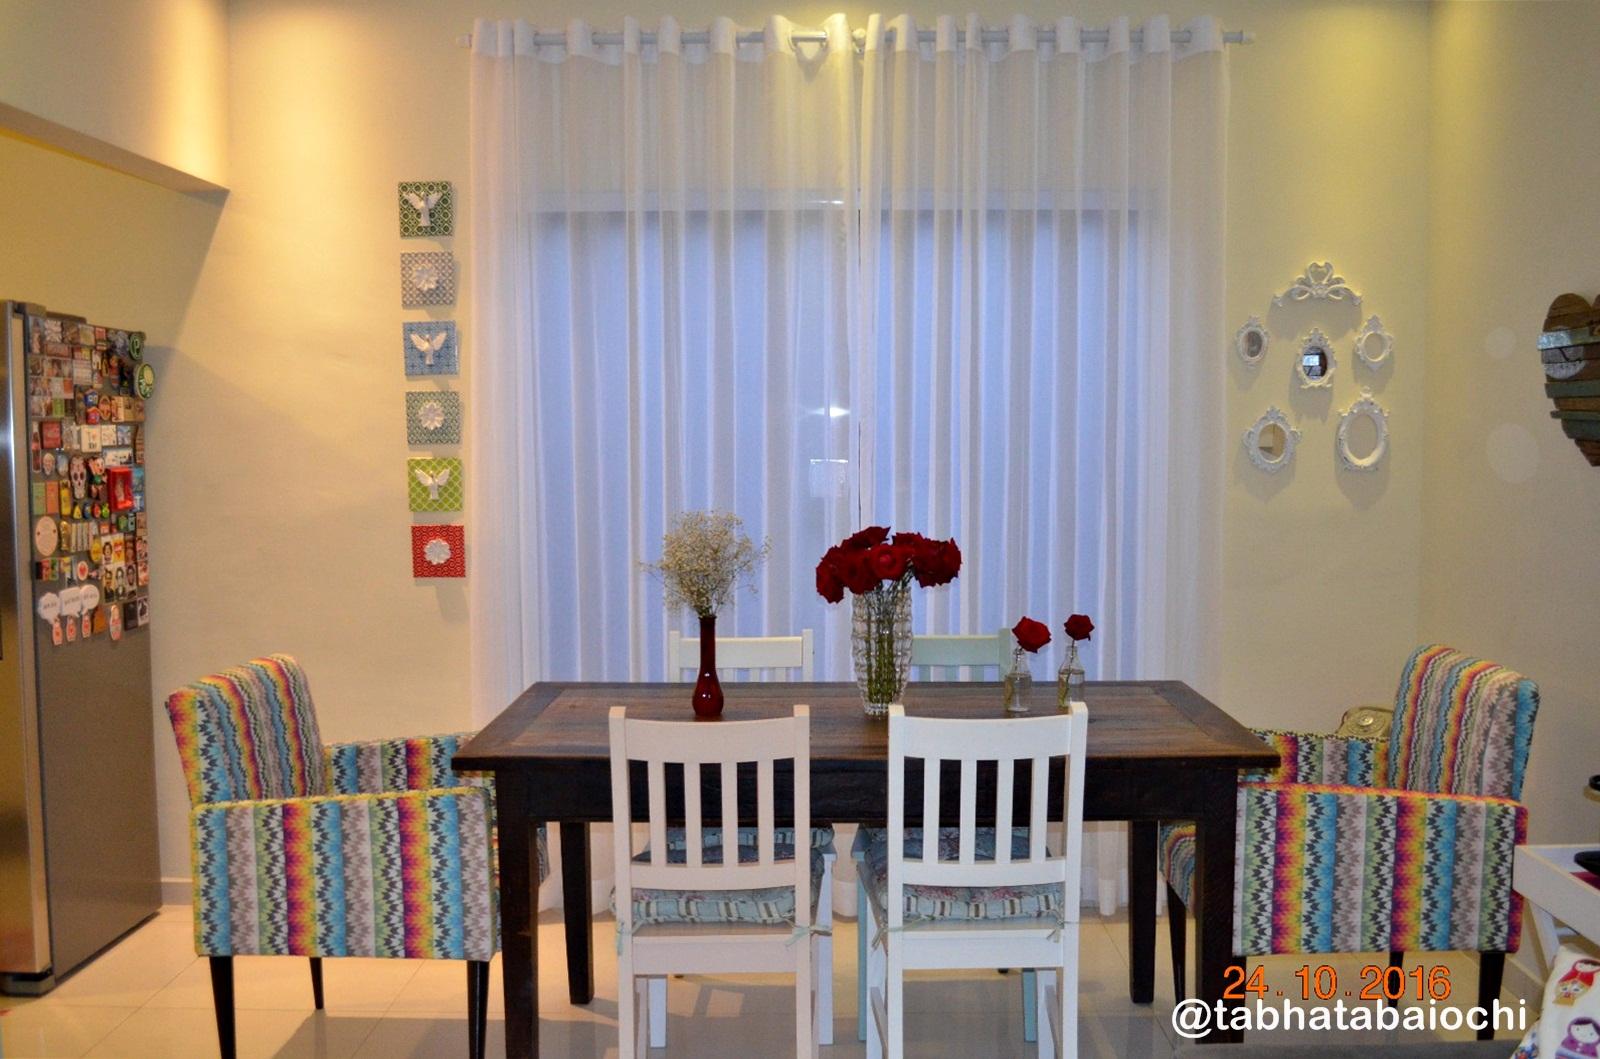 #A57526 sala de jantar tem mesa de madeira de demolição (como eu amo  1600x1059 píxeis em Decoração Sala De Jantar Mesa De Madeira